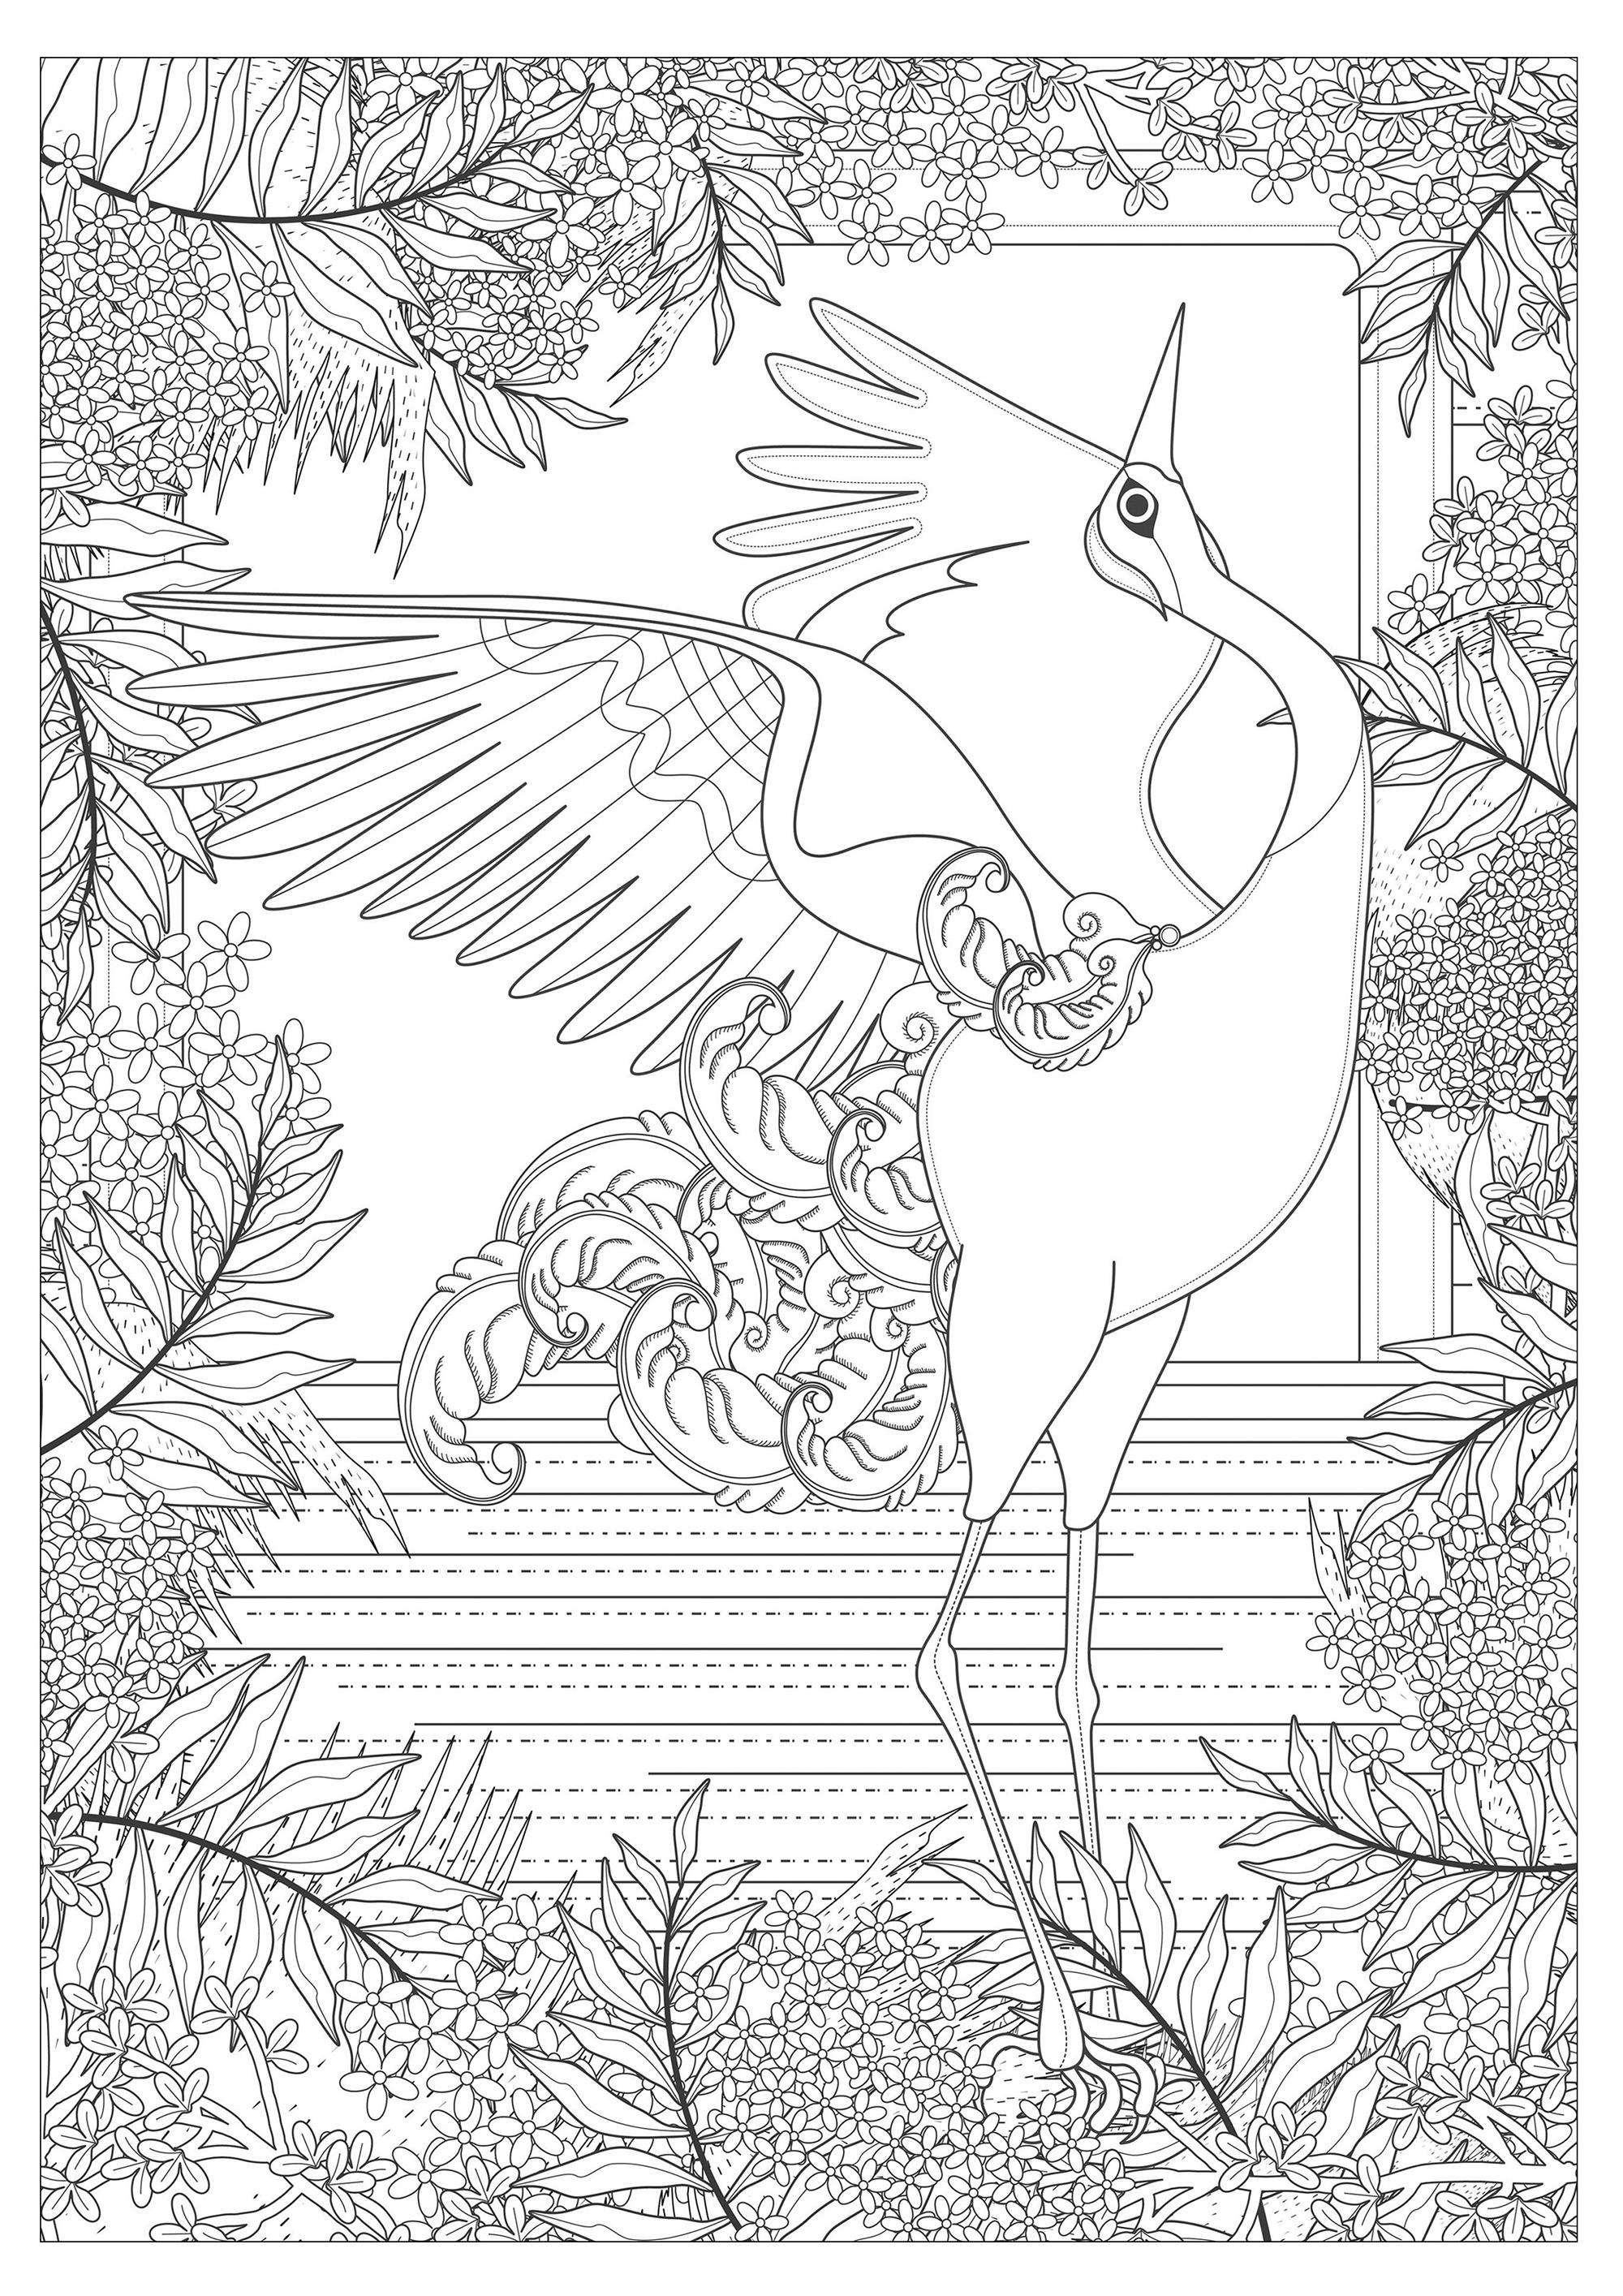 Une majestueuse grue qui ne manque que de couleursA partir de la galerie : AnimauxArtiste : Kching, Source :  123rf